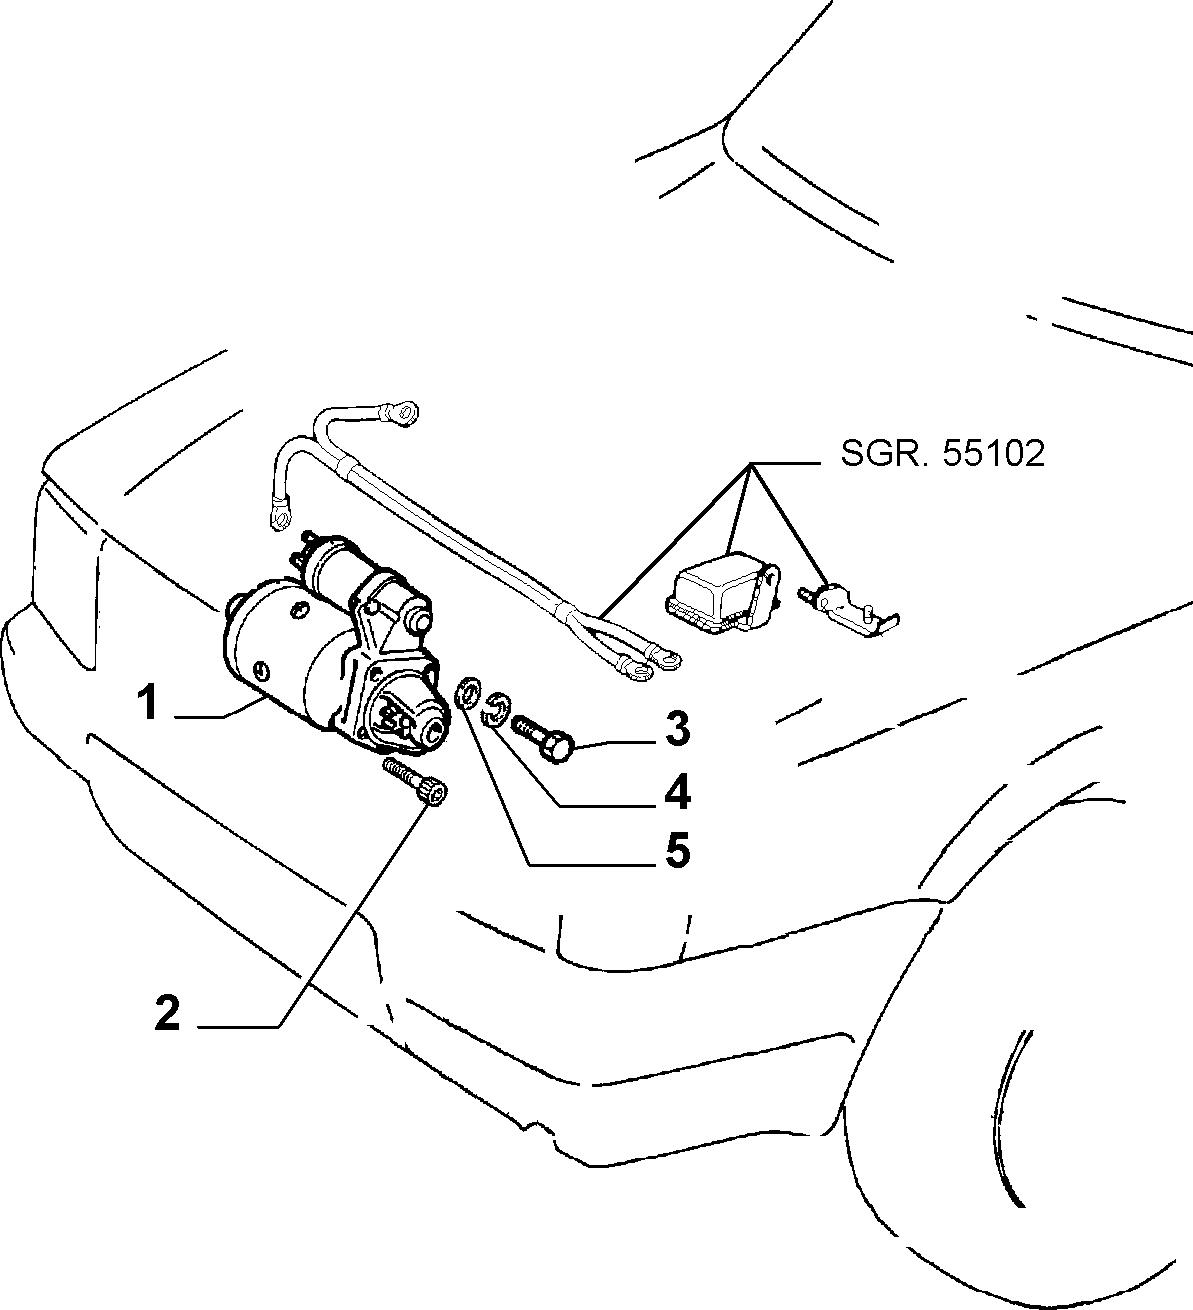 55201/01 ВКЛЮЧЕНИЕ ДВИГАТЕЛЯ